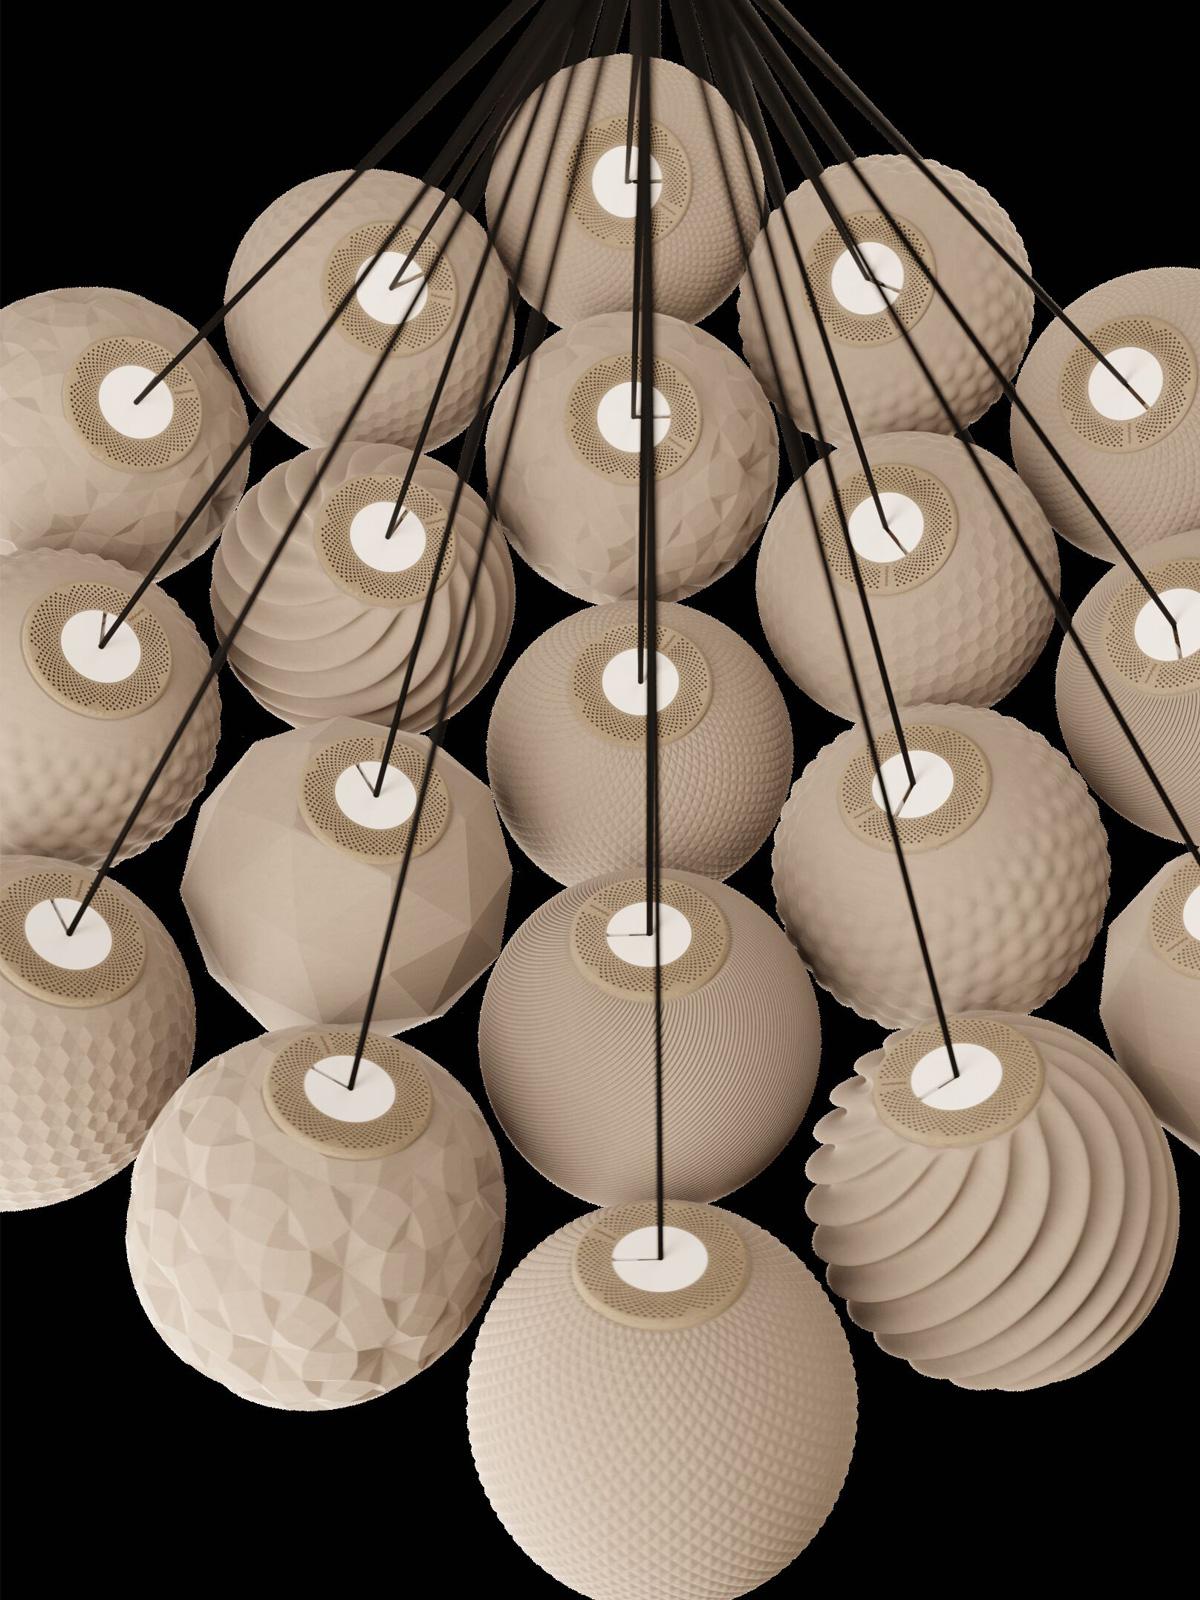 Polyluma Cluster Design Berlin Designerleuchte DesignOrt Lampen Leuchten